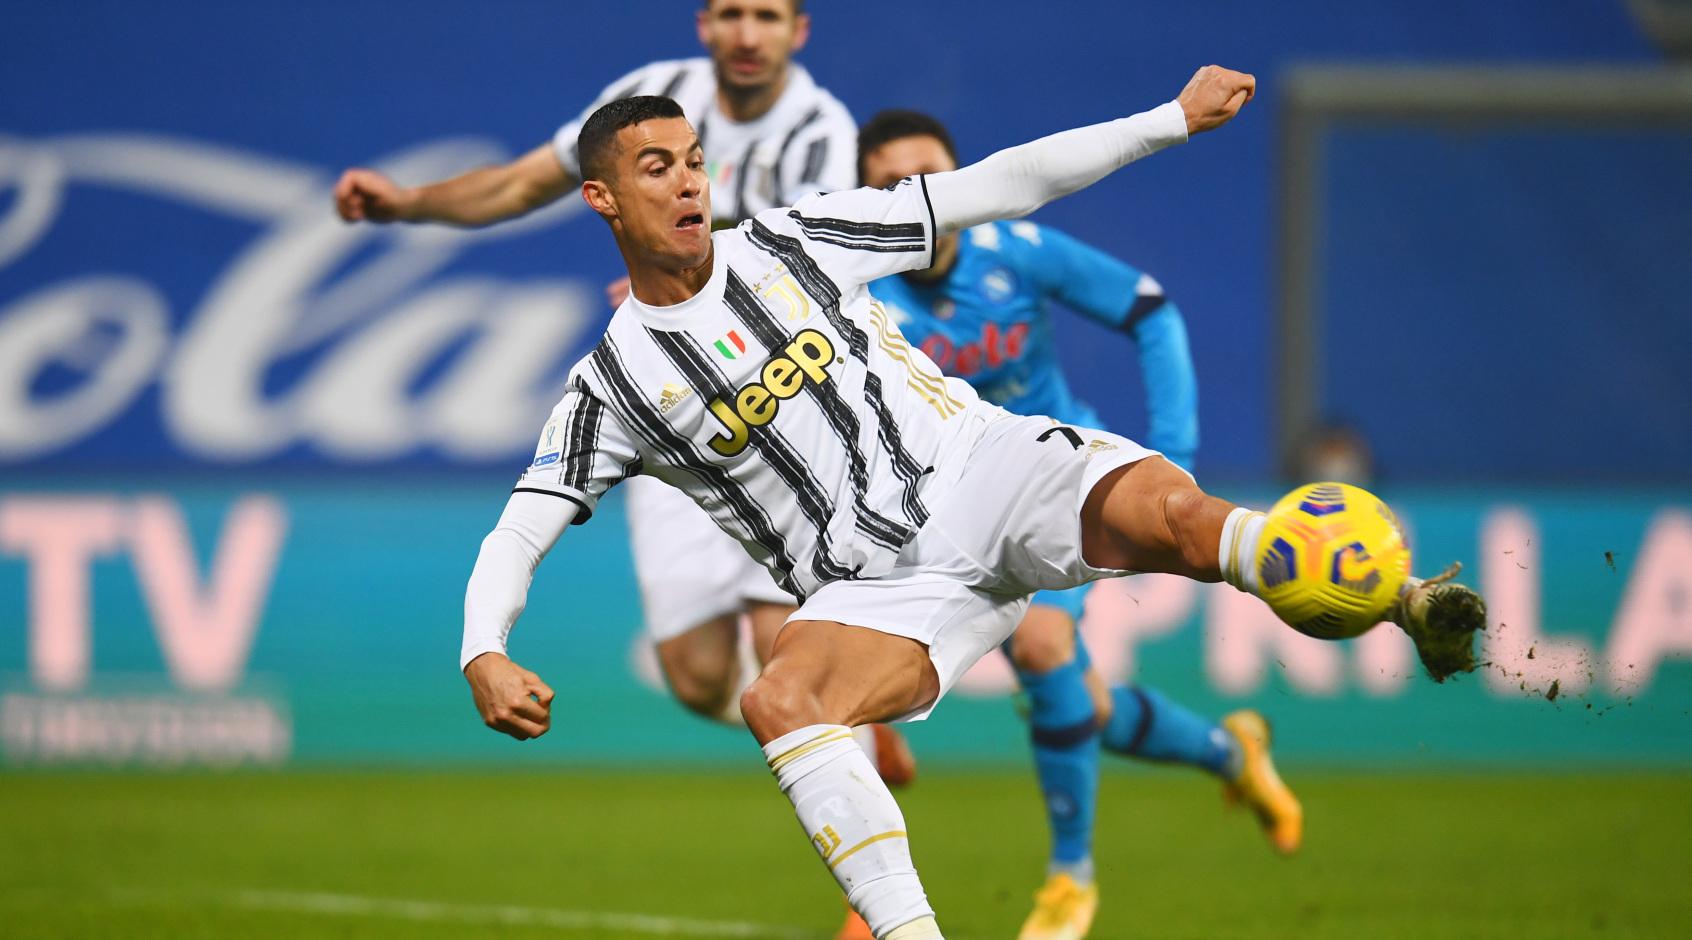 Роналду стал лучшим бомбардиром в истории профессионального футбола